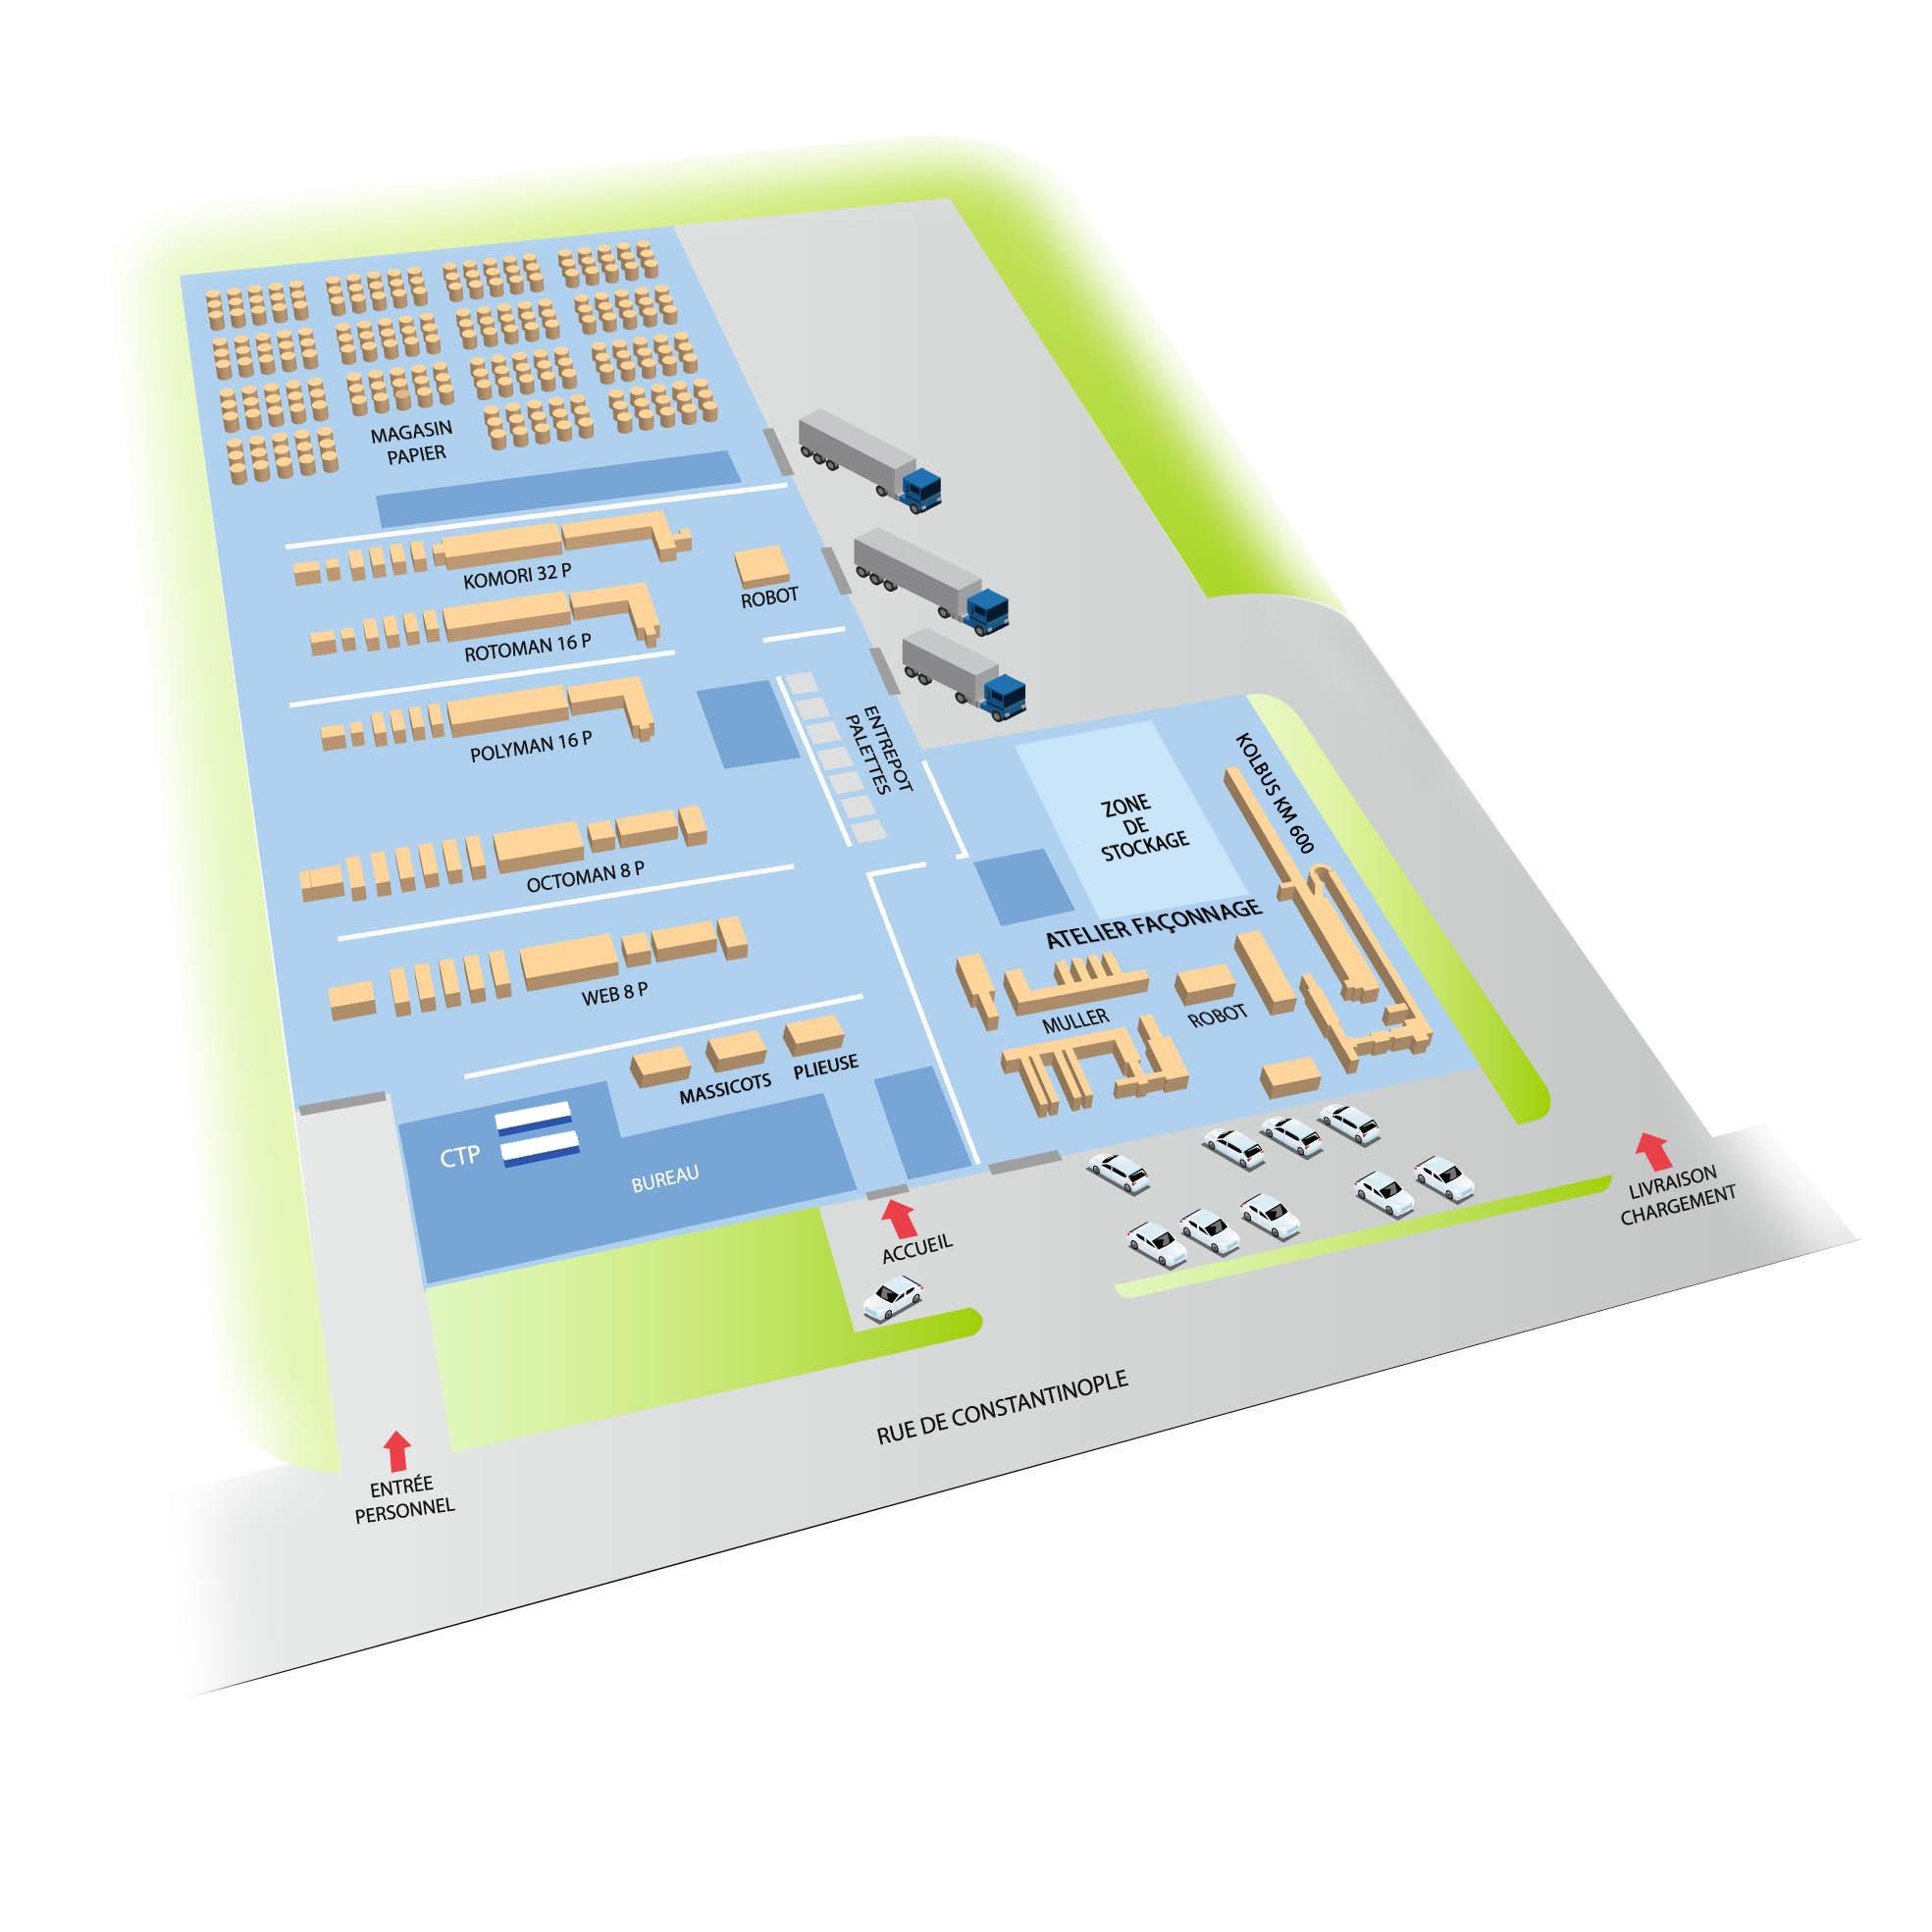 D couvrez notre site industriel imprimerie mordacq for Plans d imprimerie